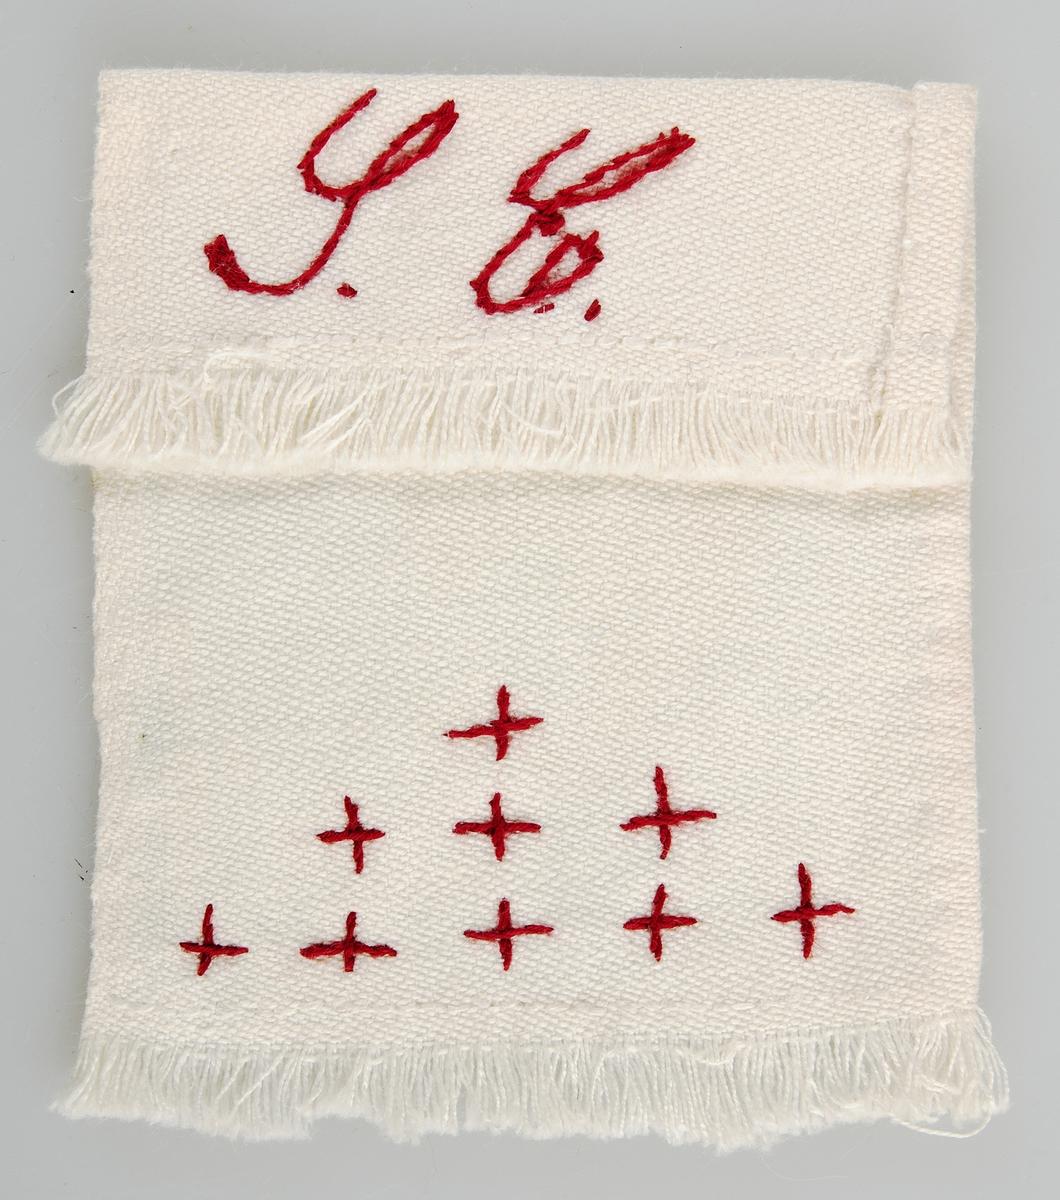 Långsmalt hänge eller paradhandduk i vitt linne med rött broderi.